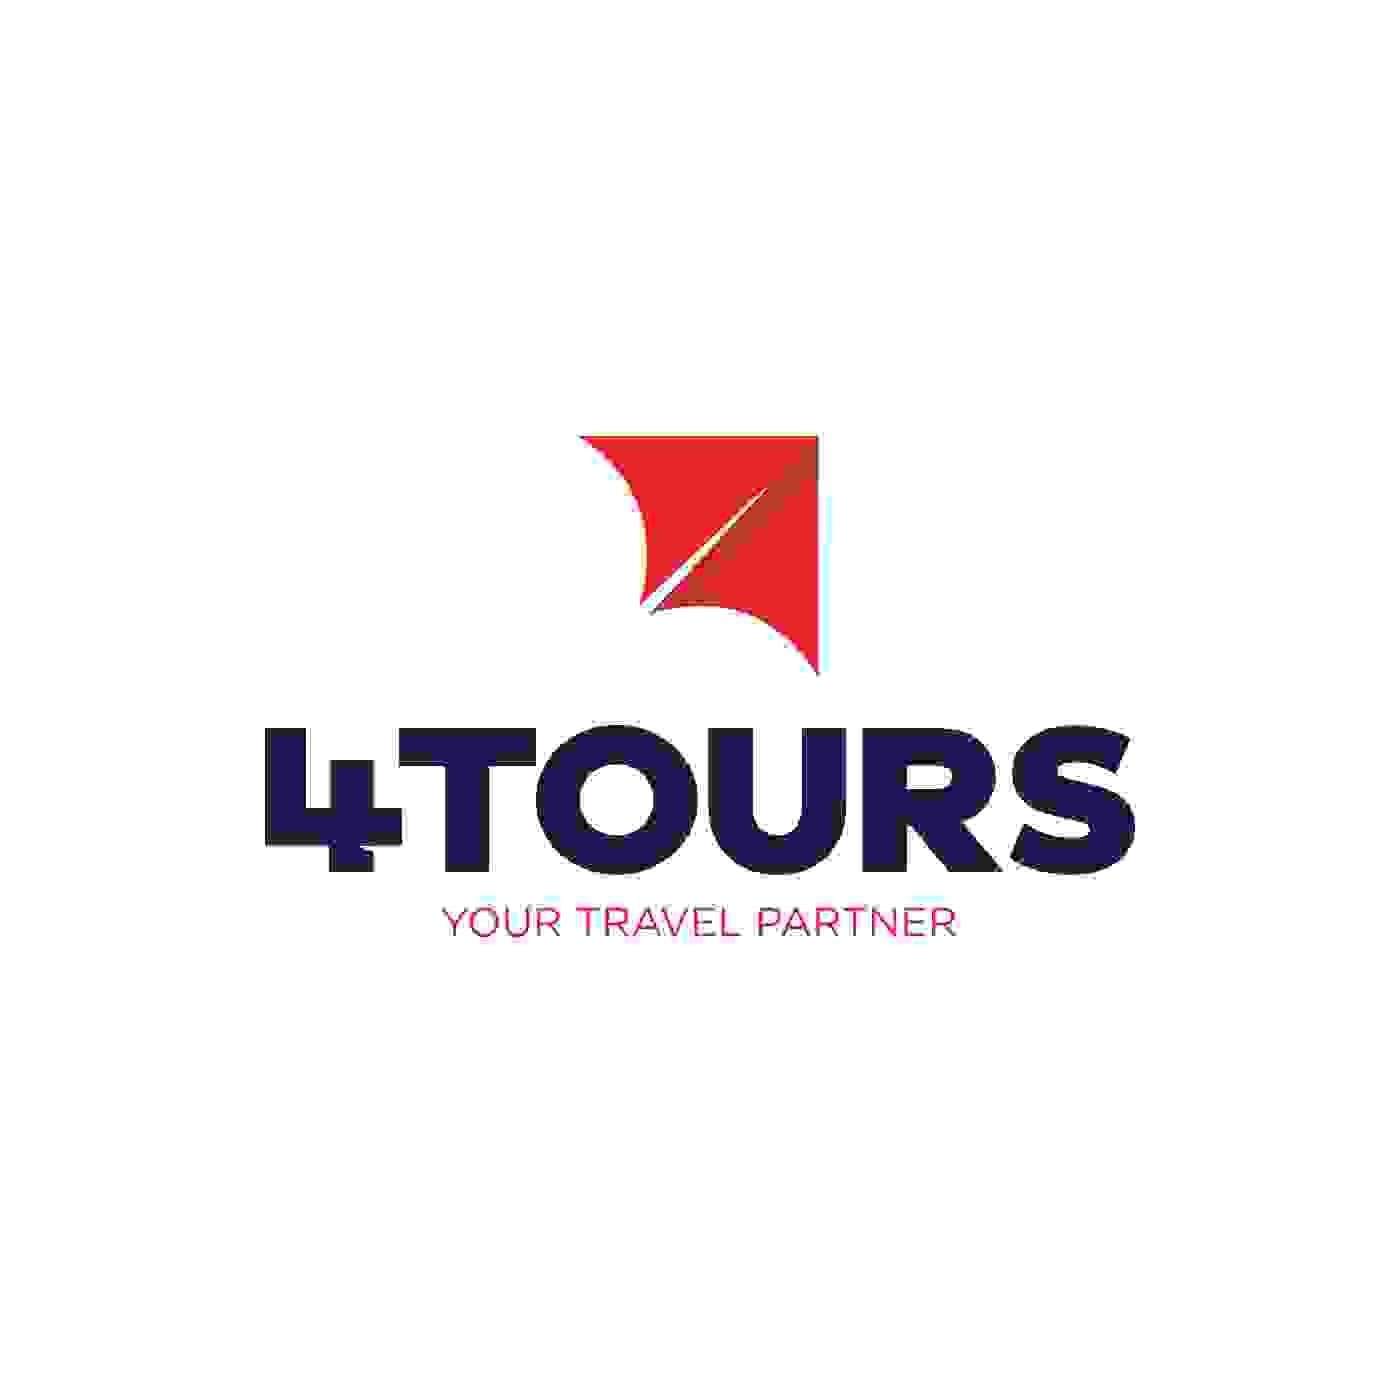 ulahlah-4tours-logo